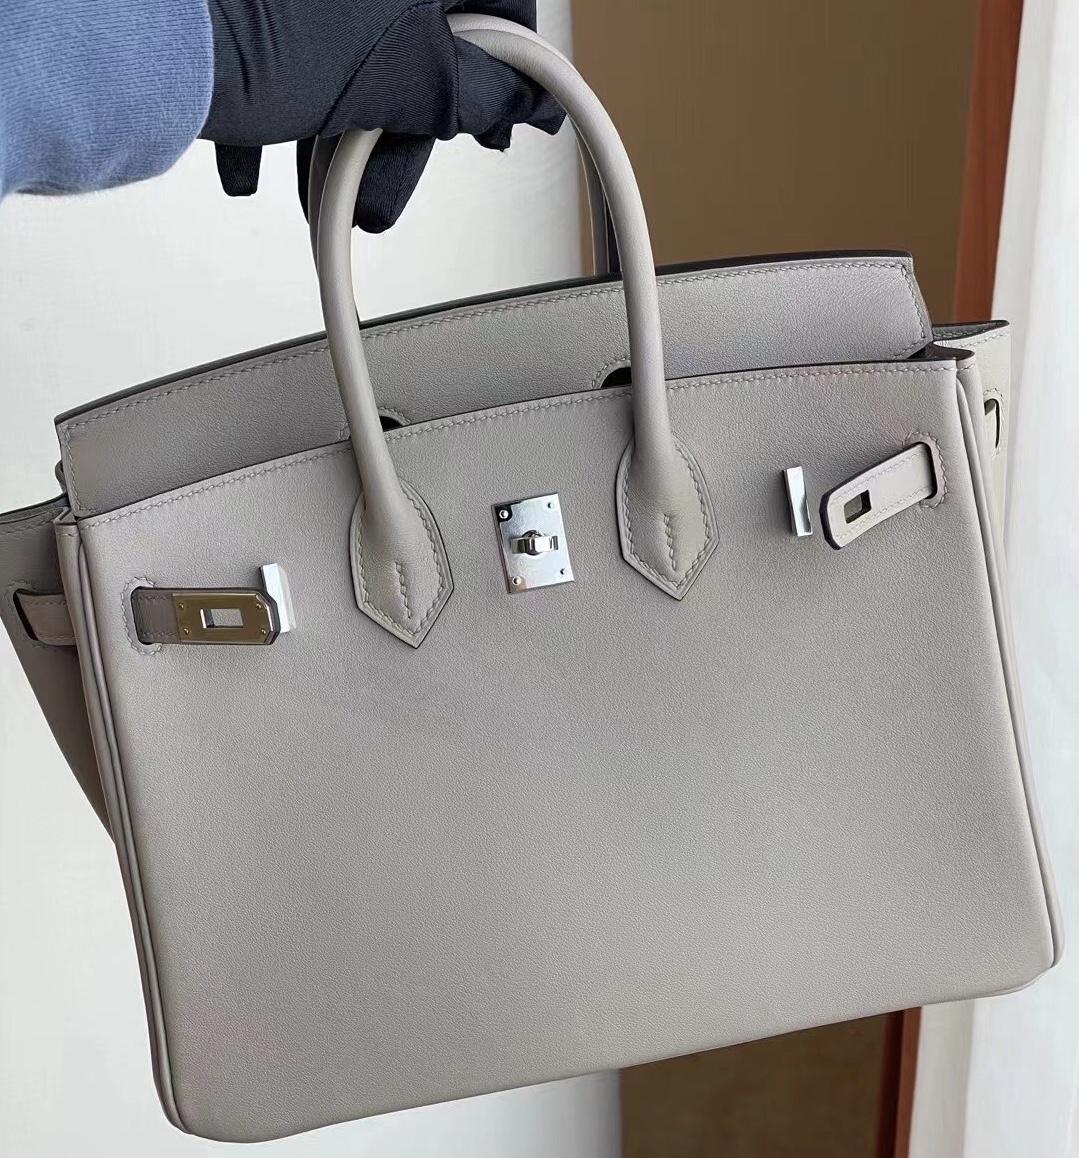 愛馬仕鉑金包25寸價格 Hermes Birkin 25cm Swift M8 瀝青灰 Gris Asphalte 銀扣